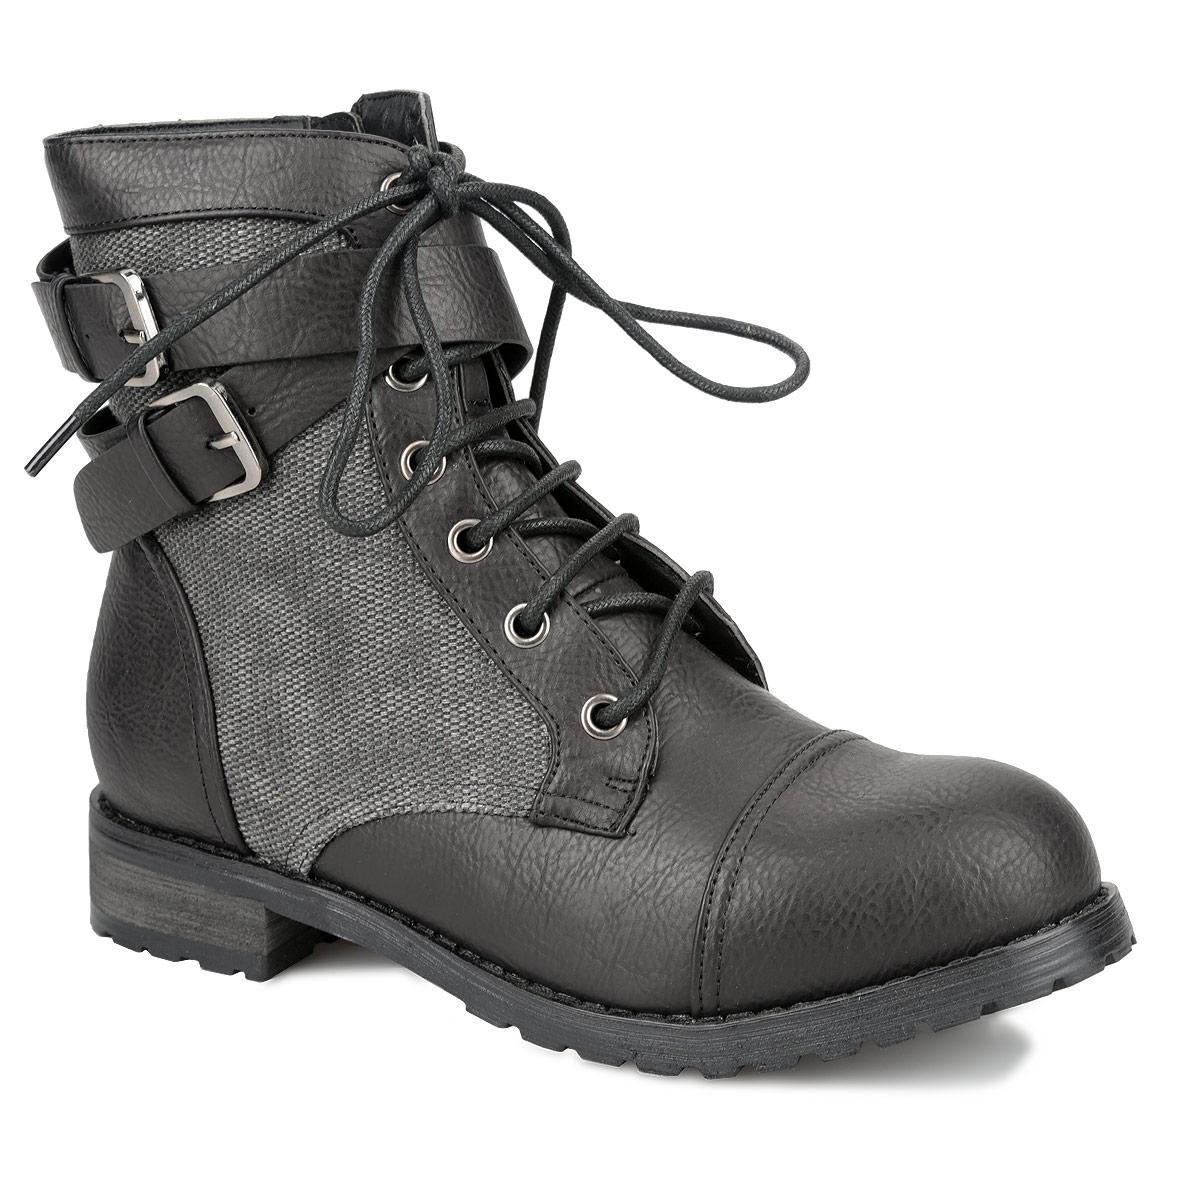 Ботинки женские. YA3-036-05 AXYA3-036-05 AXТрендовые ботинки от Yaro покорят вас своим дизайном с первого взгляда! Модель выполнена из искусственной кожи и оформлена крупной вставкой из текстиля. Подъем дополнен перекрещивающимися ремешками с металлическими пряжками. Прочная шнуровка надежно зафиксирует модель на вашей ноге. Ботинки застегиваются при помощи застежки-молнии, расположенной на одной из боковых сторон. Подкладка и стелька из байки согреют ваши ноги в холодную погоду. Умеренной высоты каблук стилизован под дерево. Рифленая поверхность каблука и подошвы гарантирует отличное сцепление с любыми поверхностями. В таких ботинках вы всегда будете чувствовать себя уютно и комфортно. Они подчеркнут ваш стиль и индивидуальность!